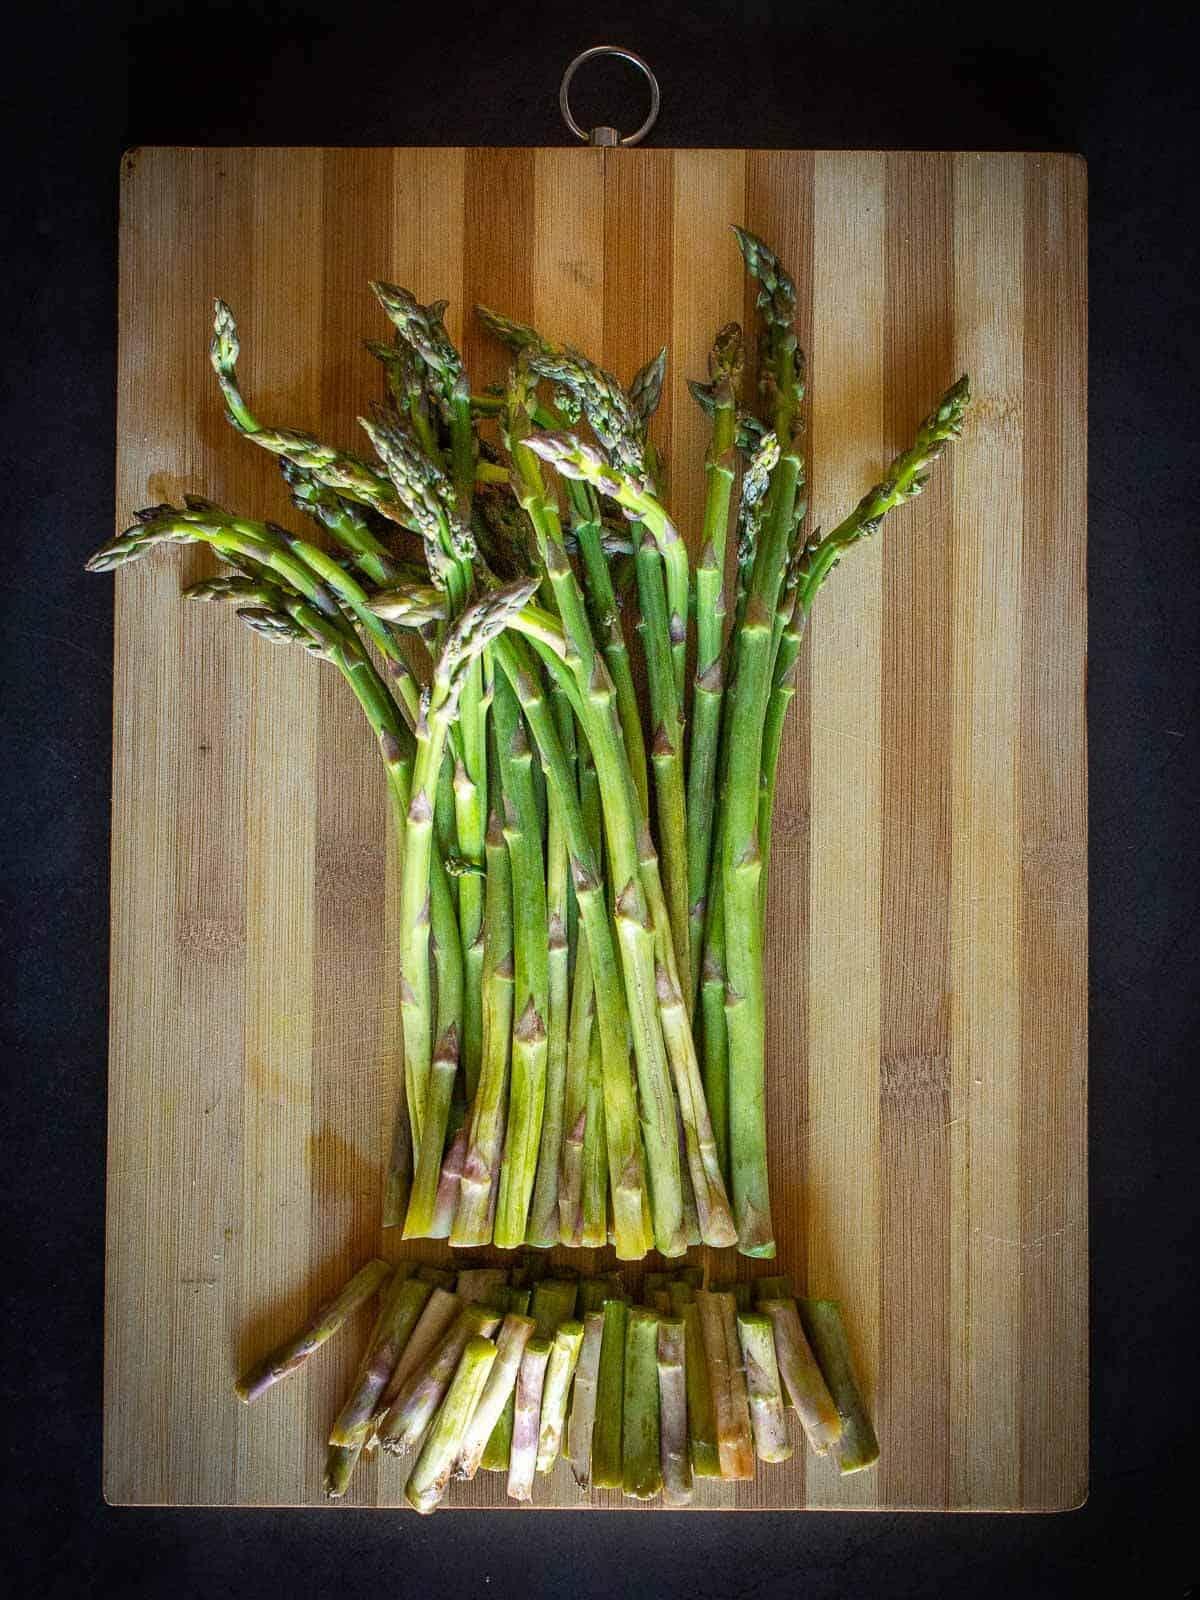 How to cut asparagus stems